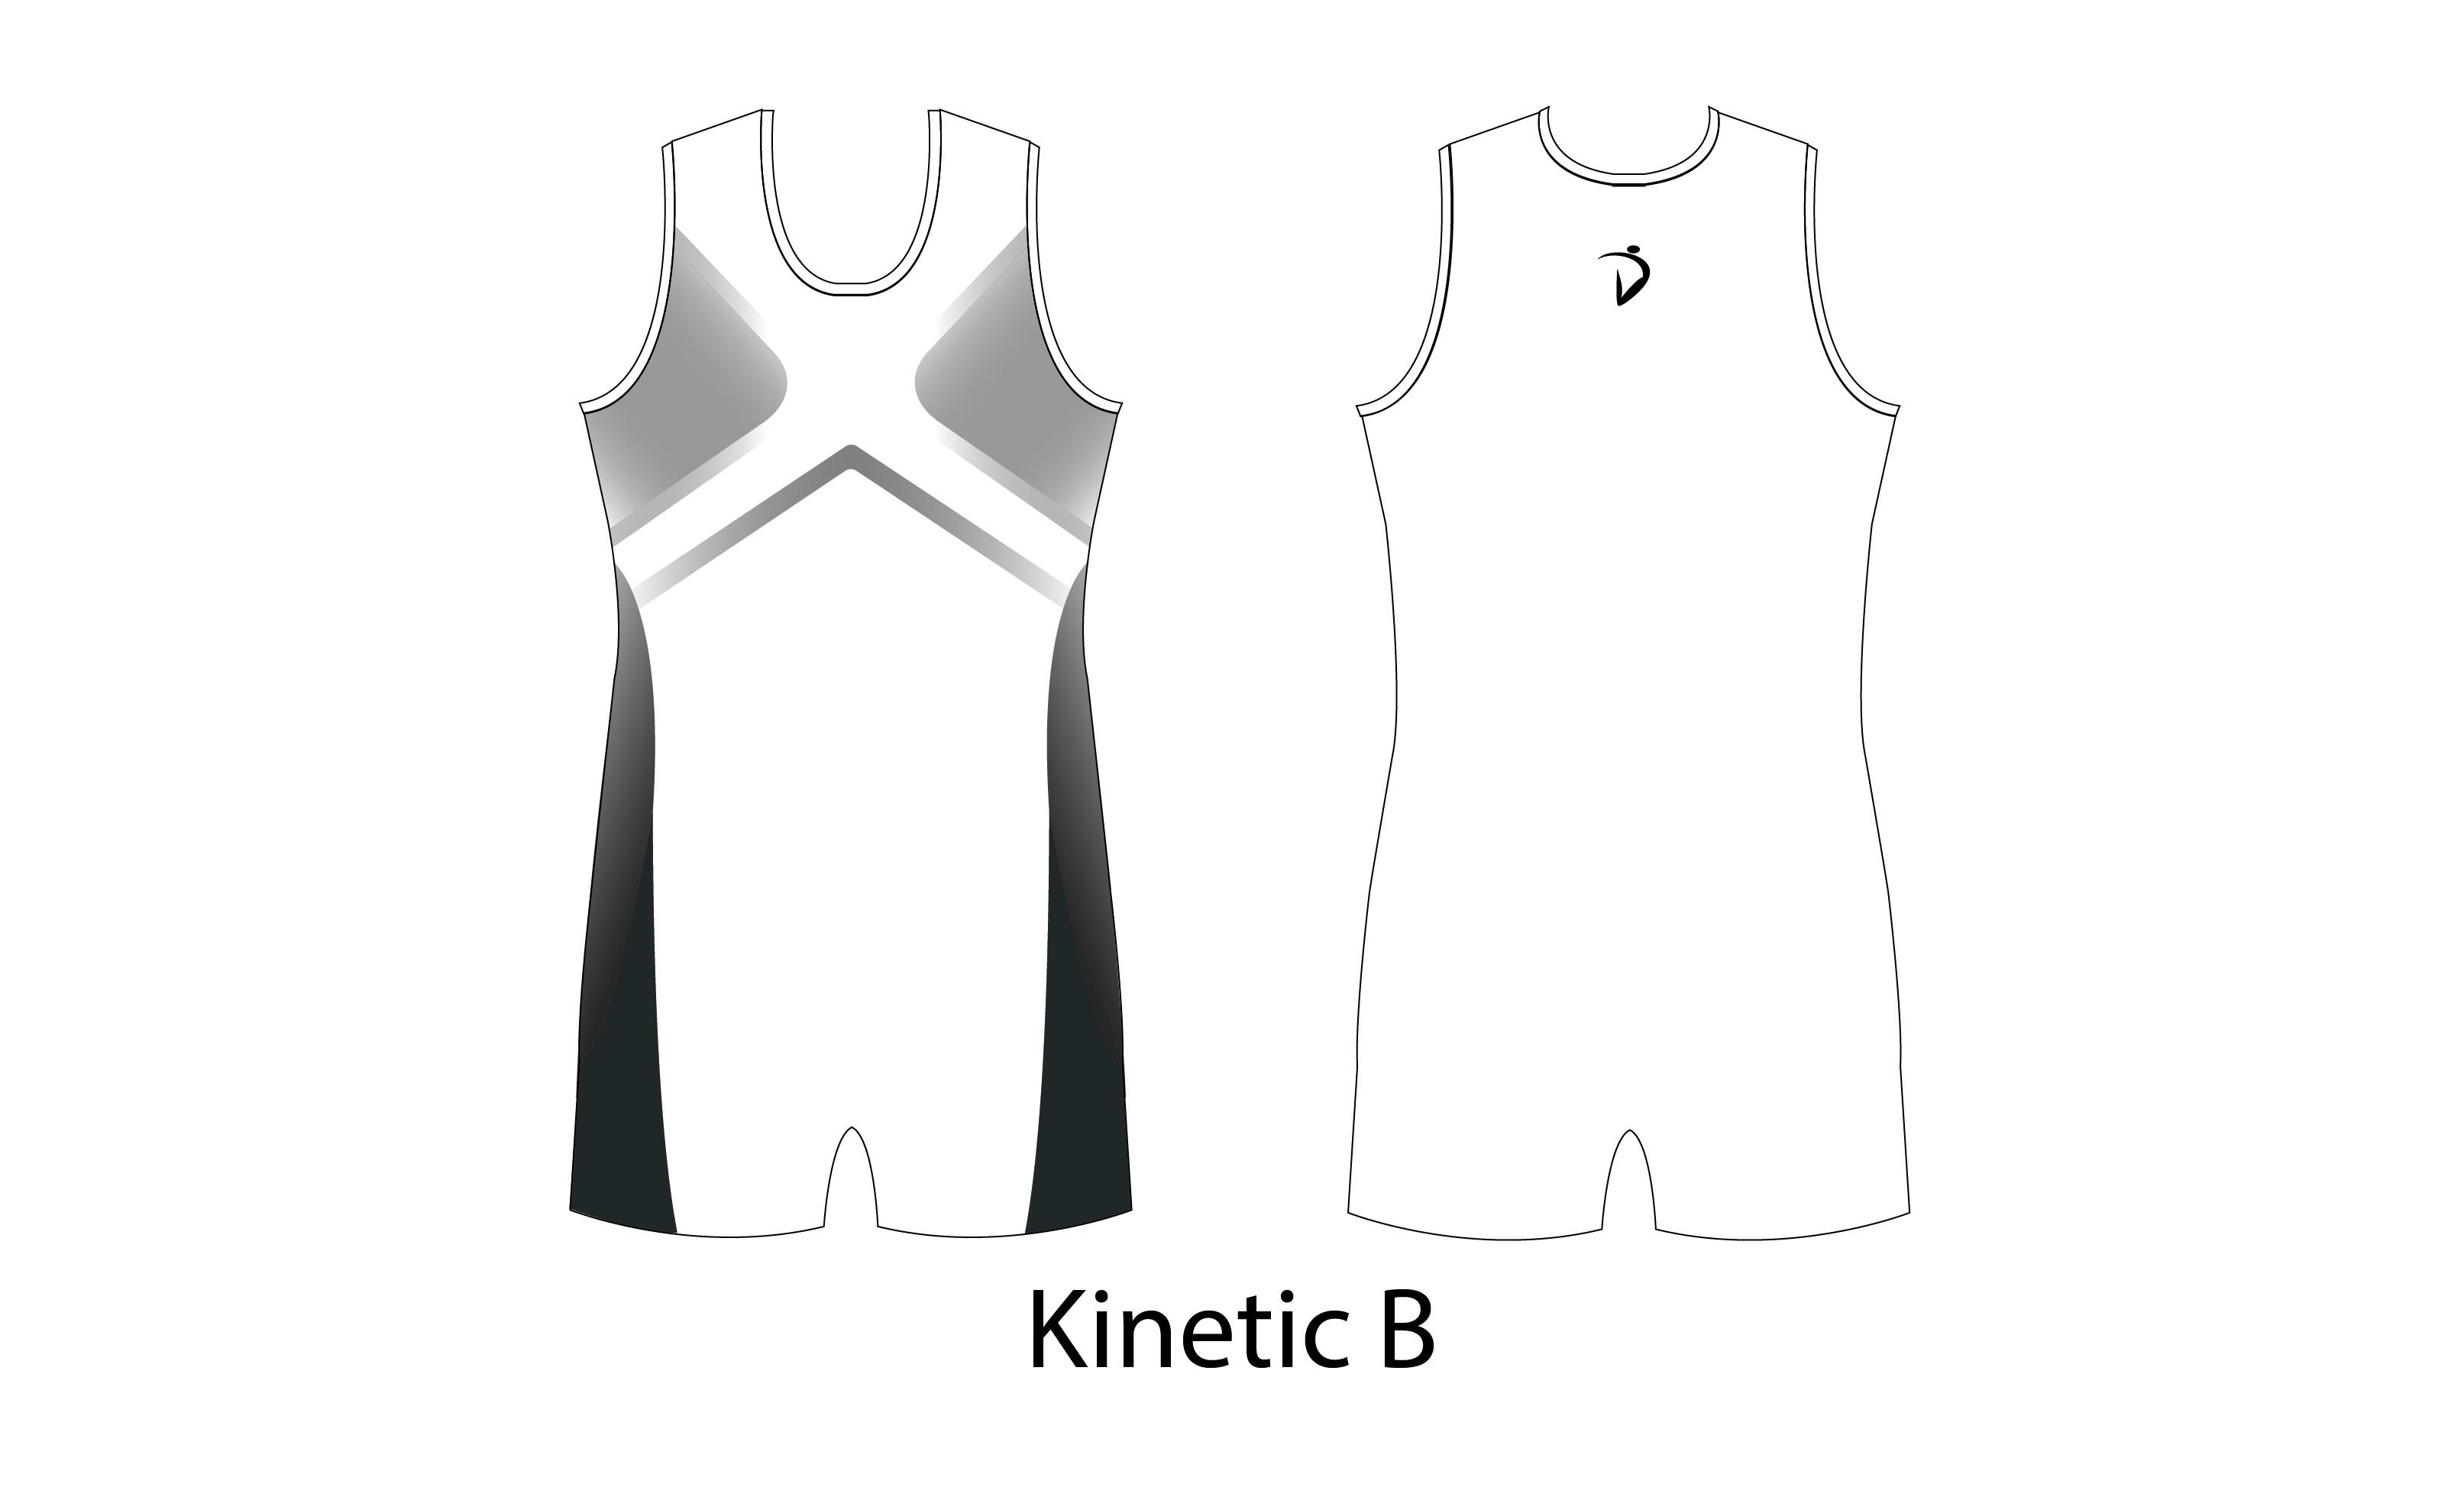 Kinetic B